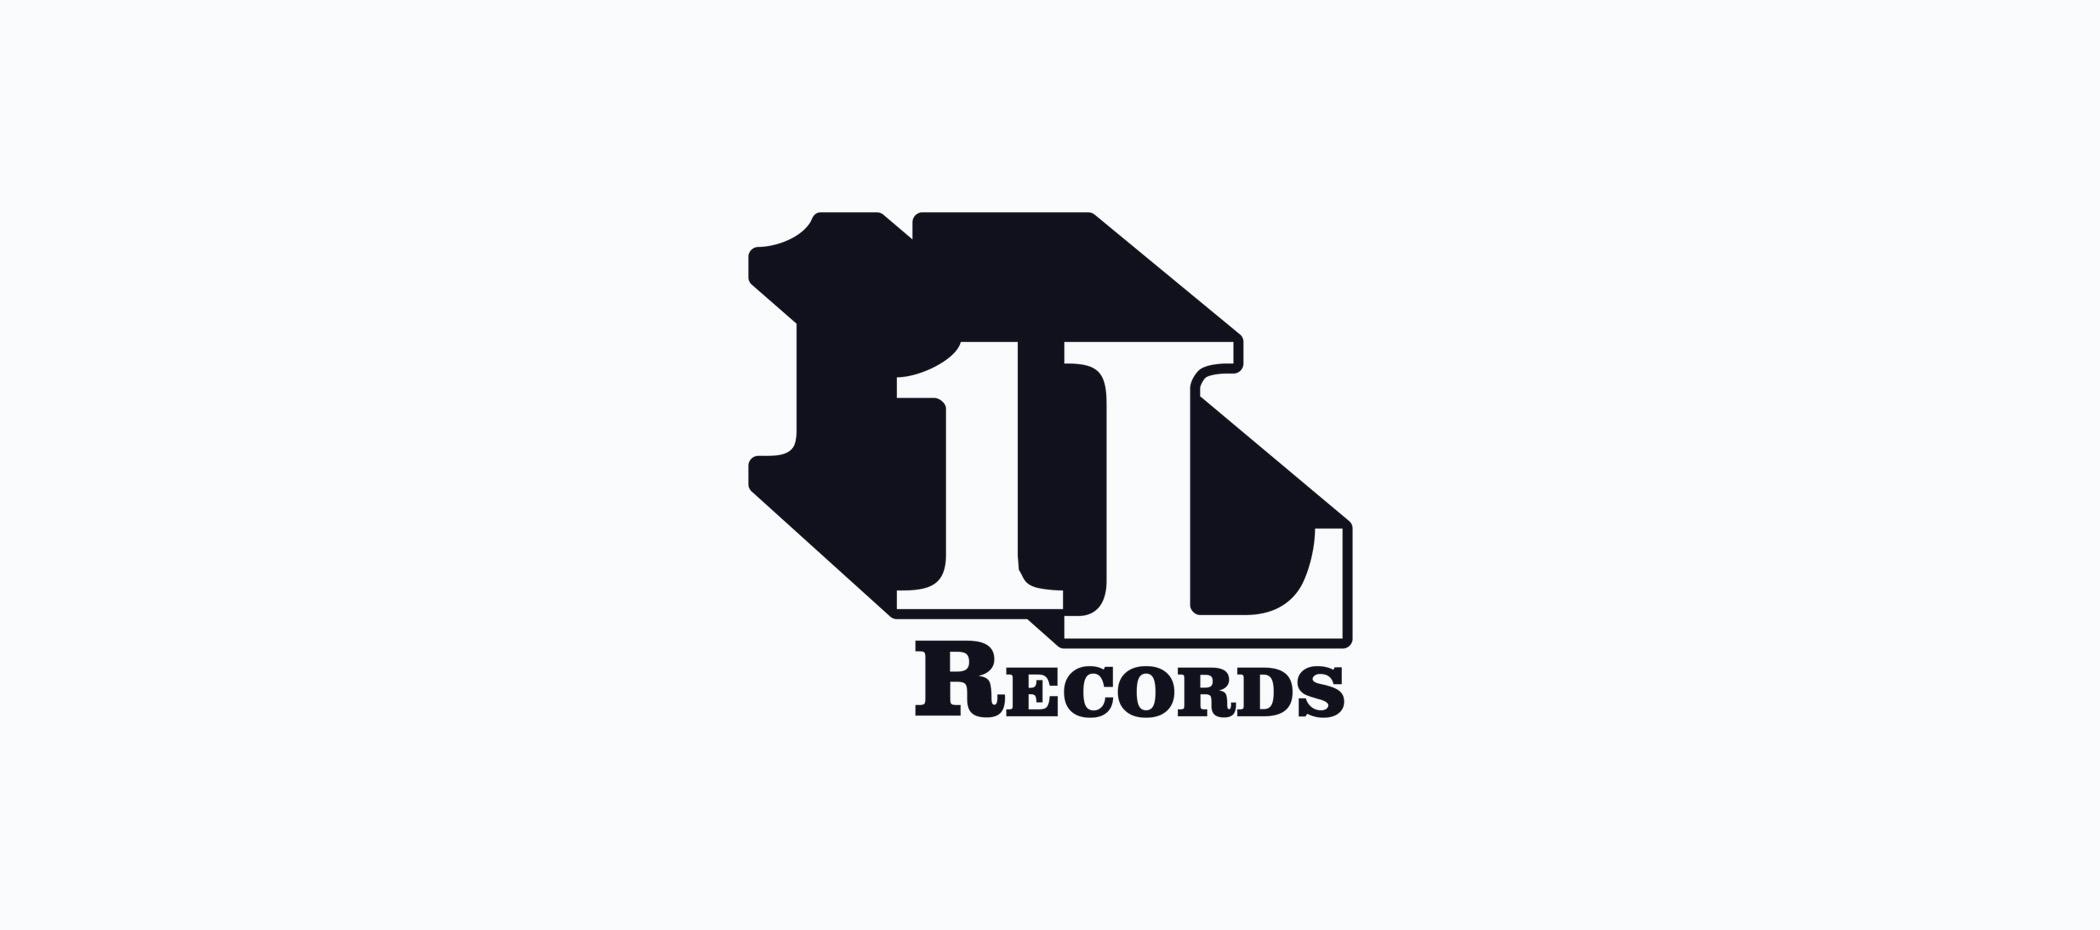 diseño logotipo - Beusual - diseño grafico santander - 1L records - uno ele